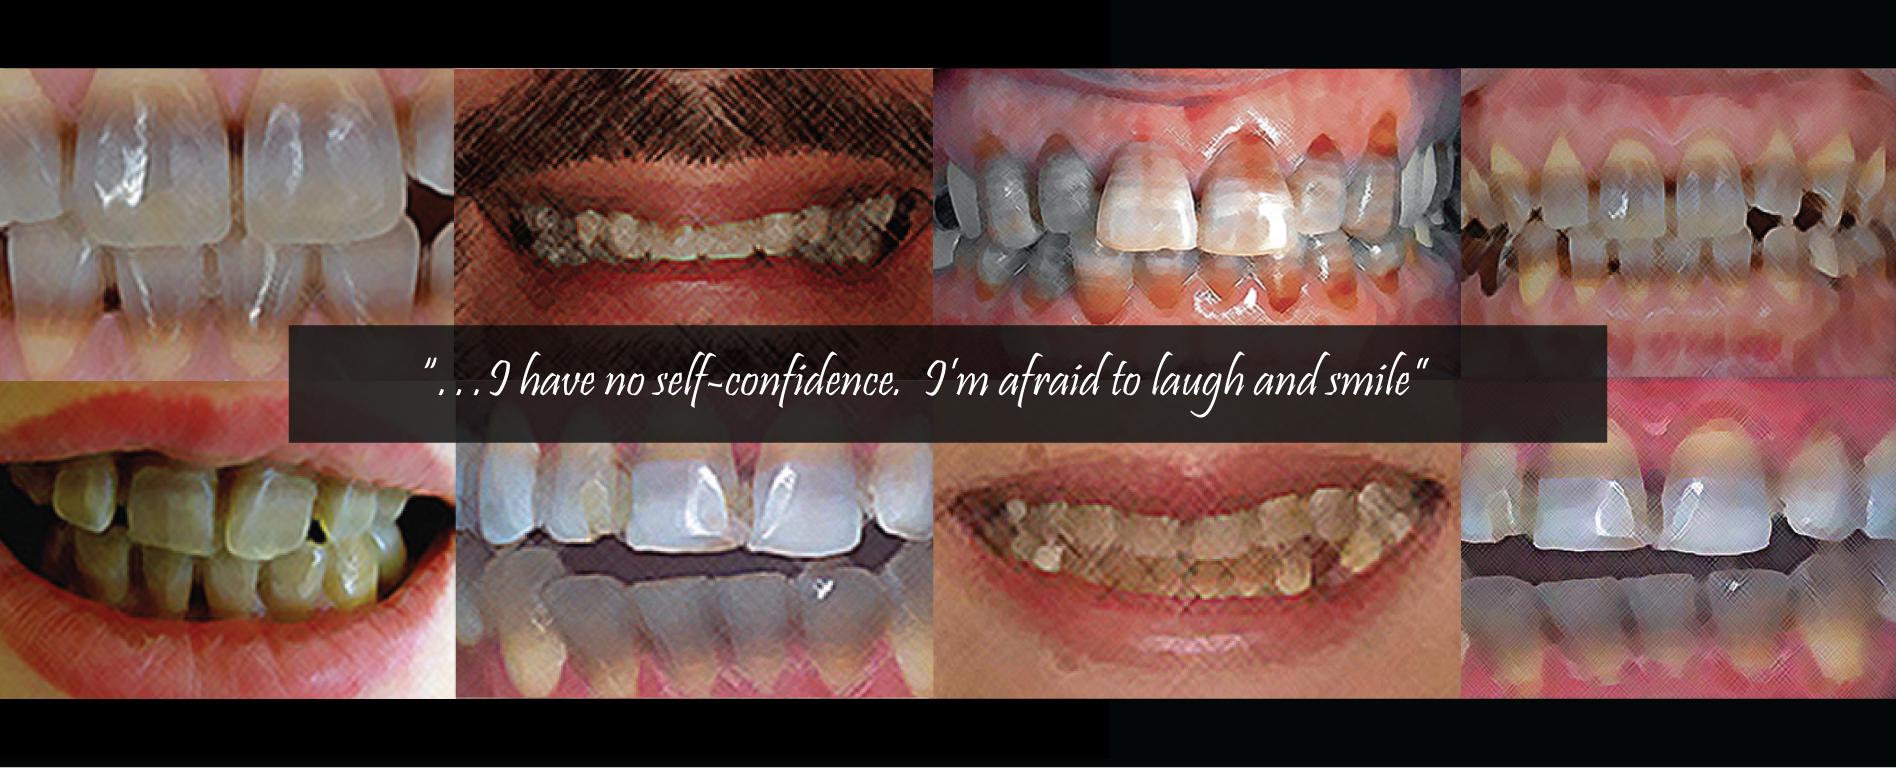 Tetracycline Teeth Staining, Dark Teeth, Grey Teeth, Dental Issues, Teeth Discoloration